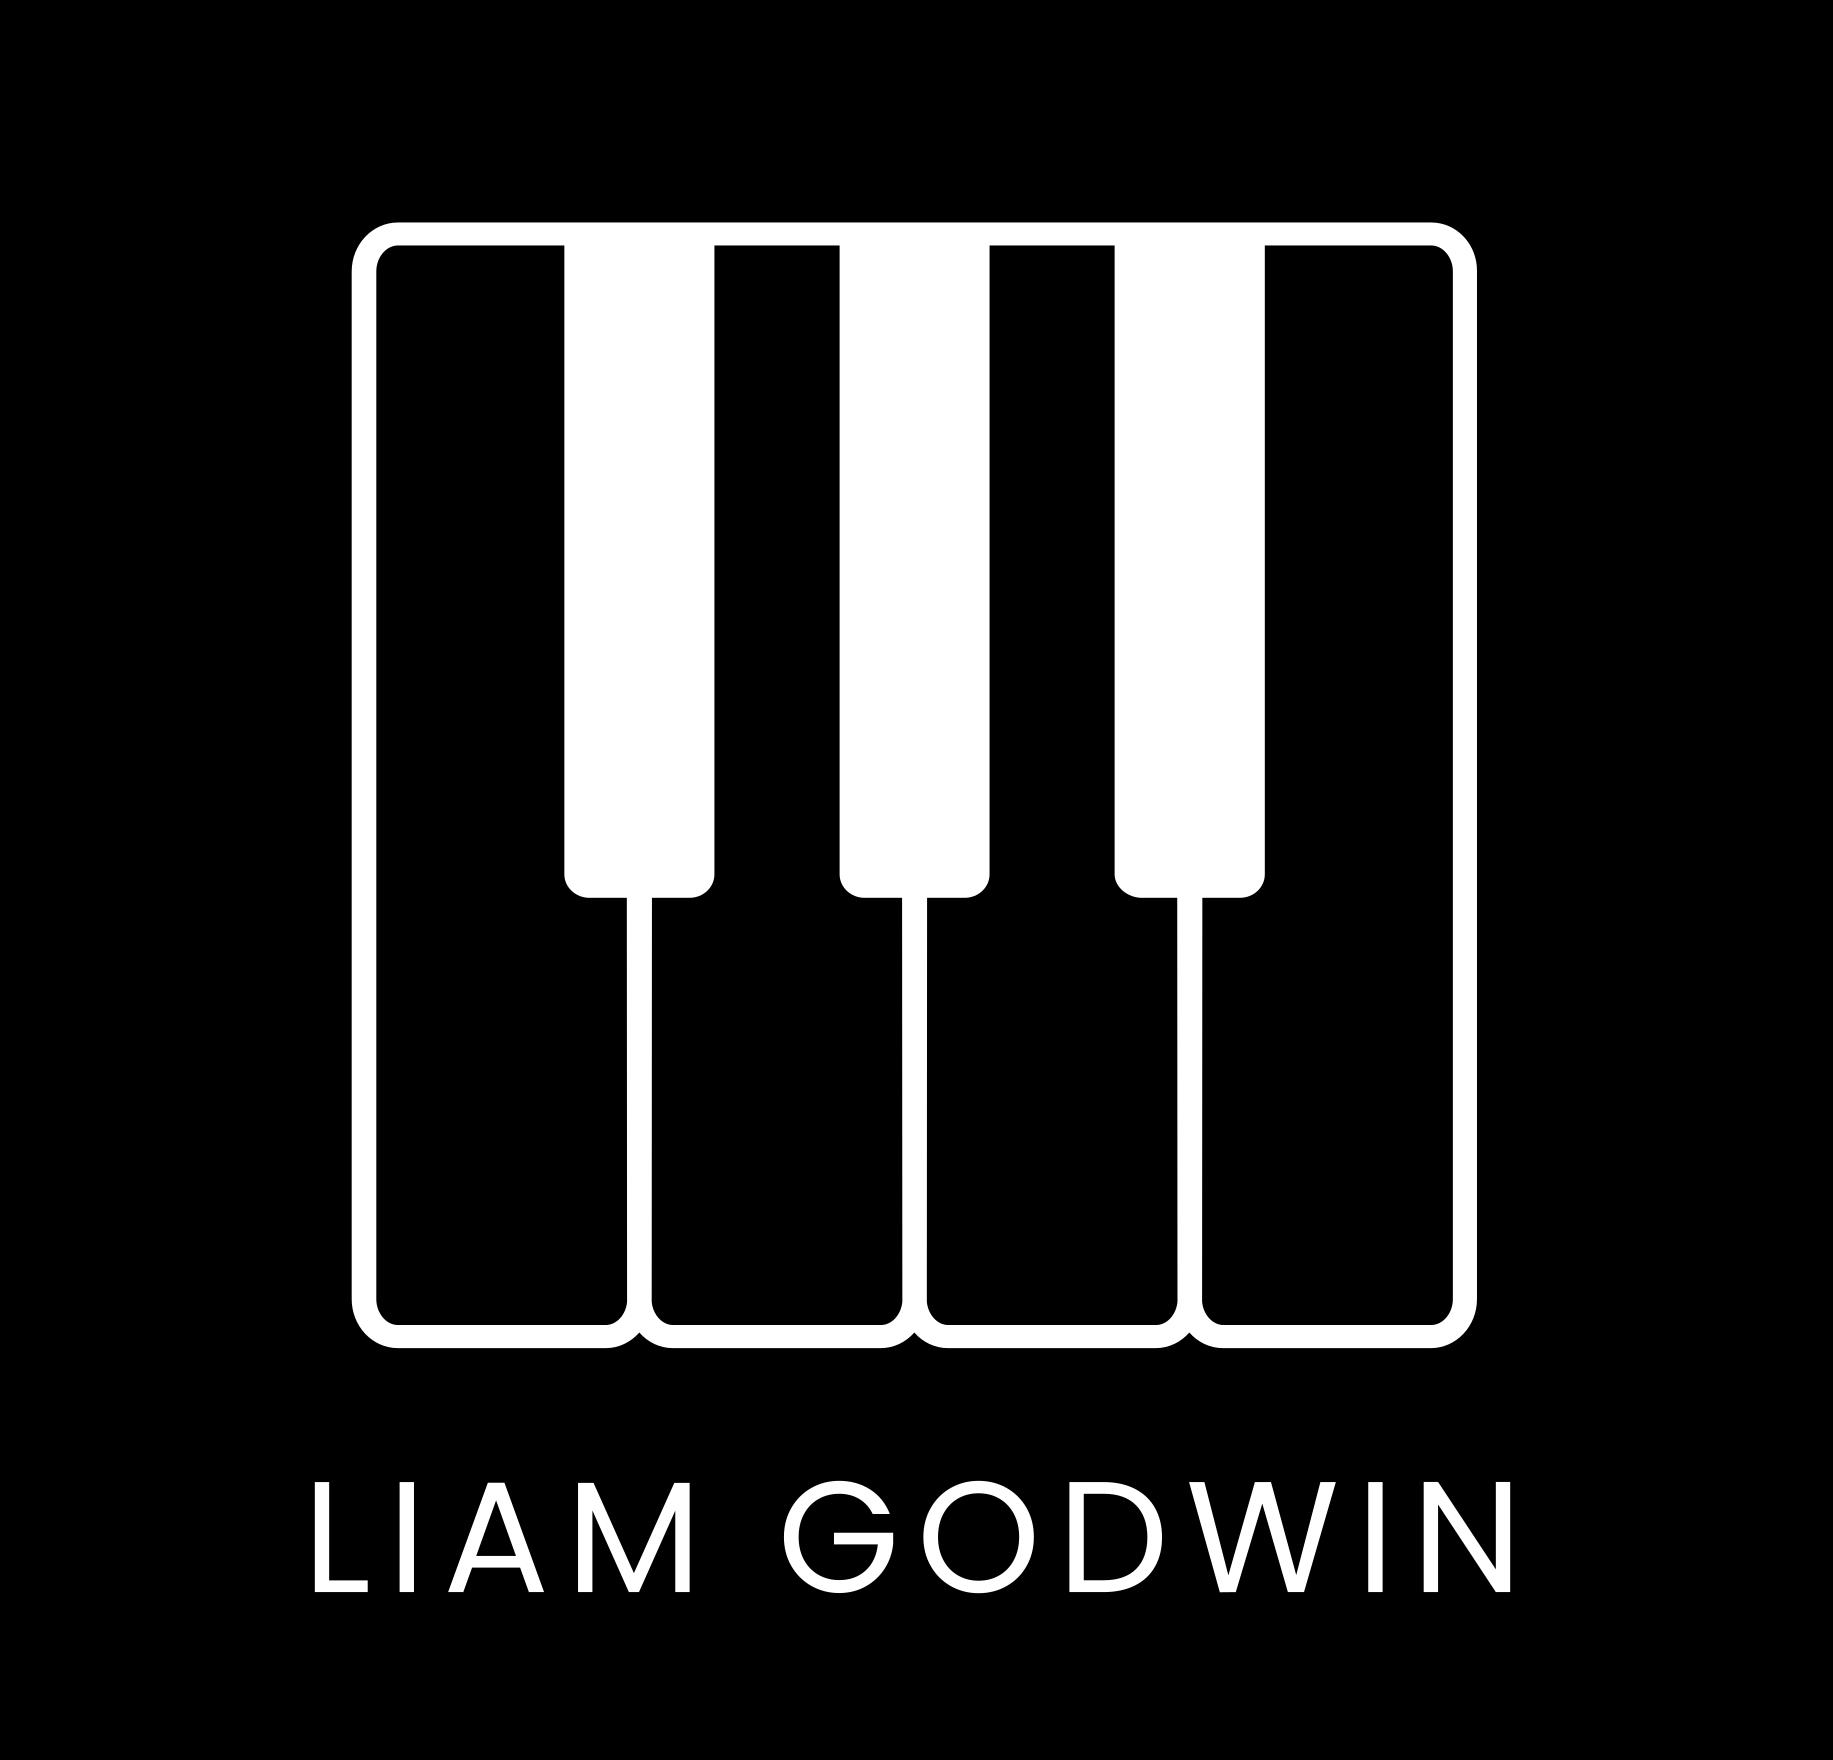 Liam Godwin